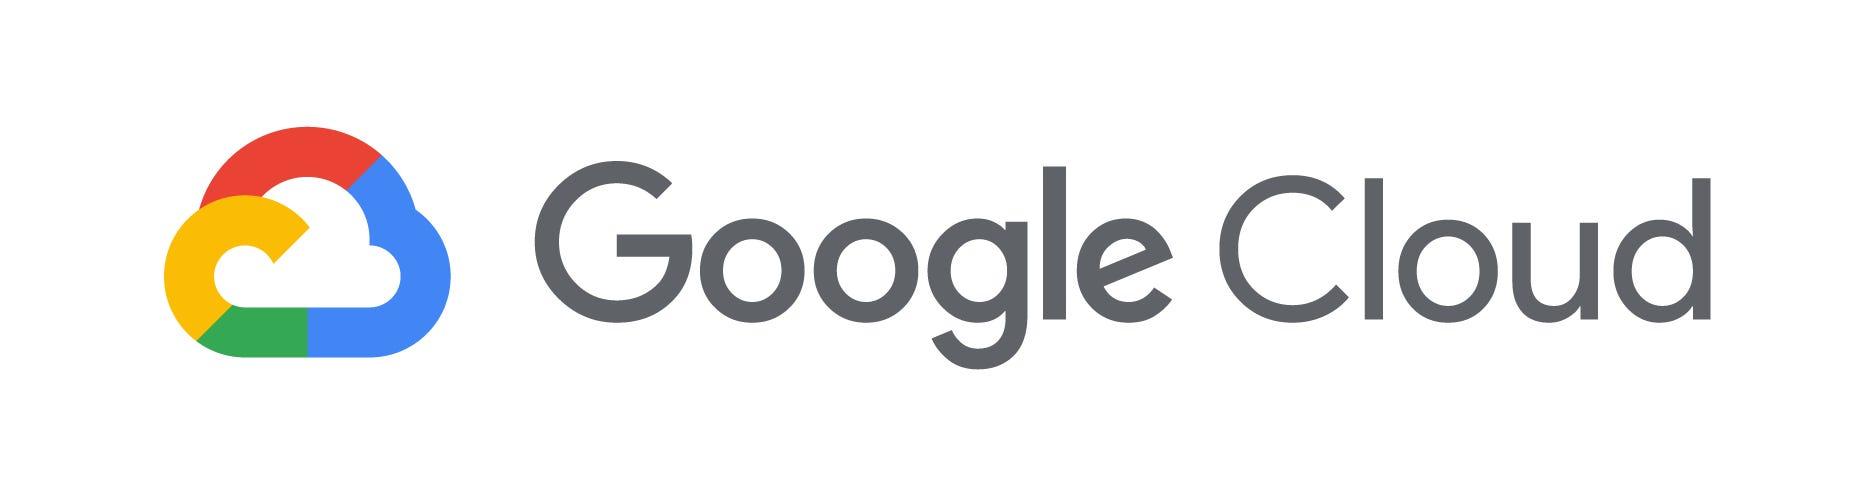 google-cloud-build-whats-next.png